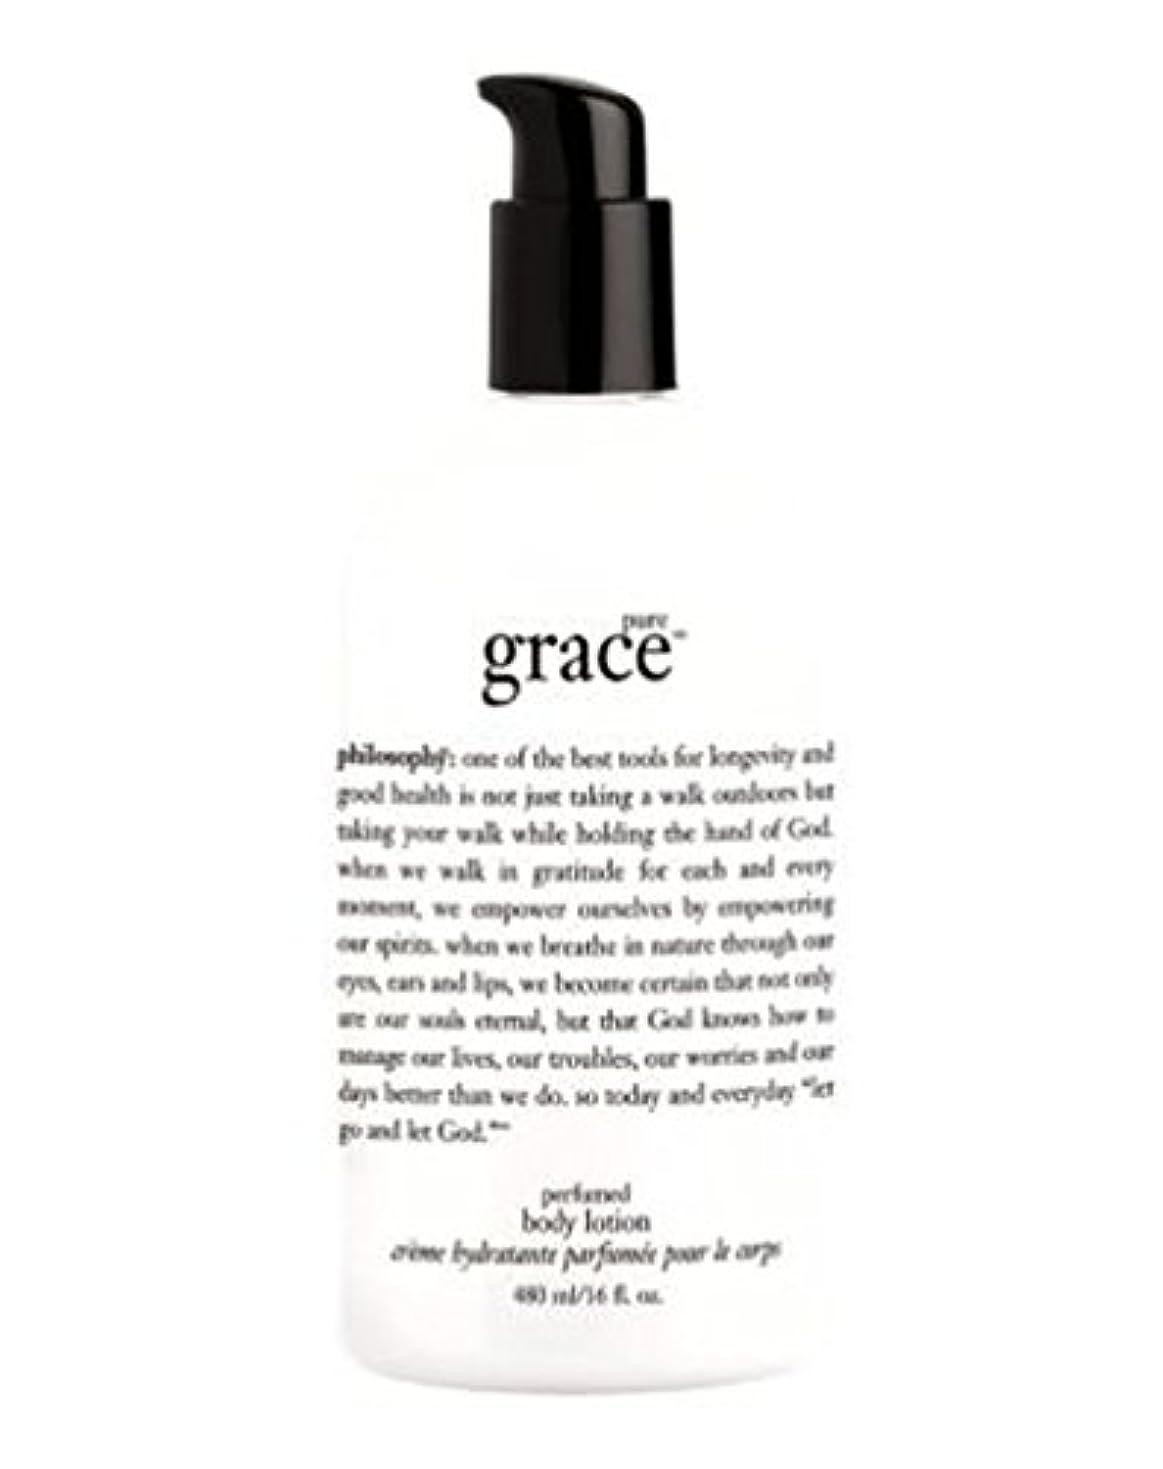 詩人取り除く出席する哲学純粋な恵みボディローション480ミリリットル (Philosophy) (x2) - philosophy pure grace body lotion 480ml (Pack of 2) [並行輸入品]